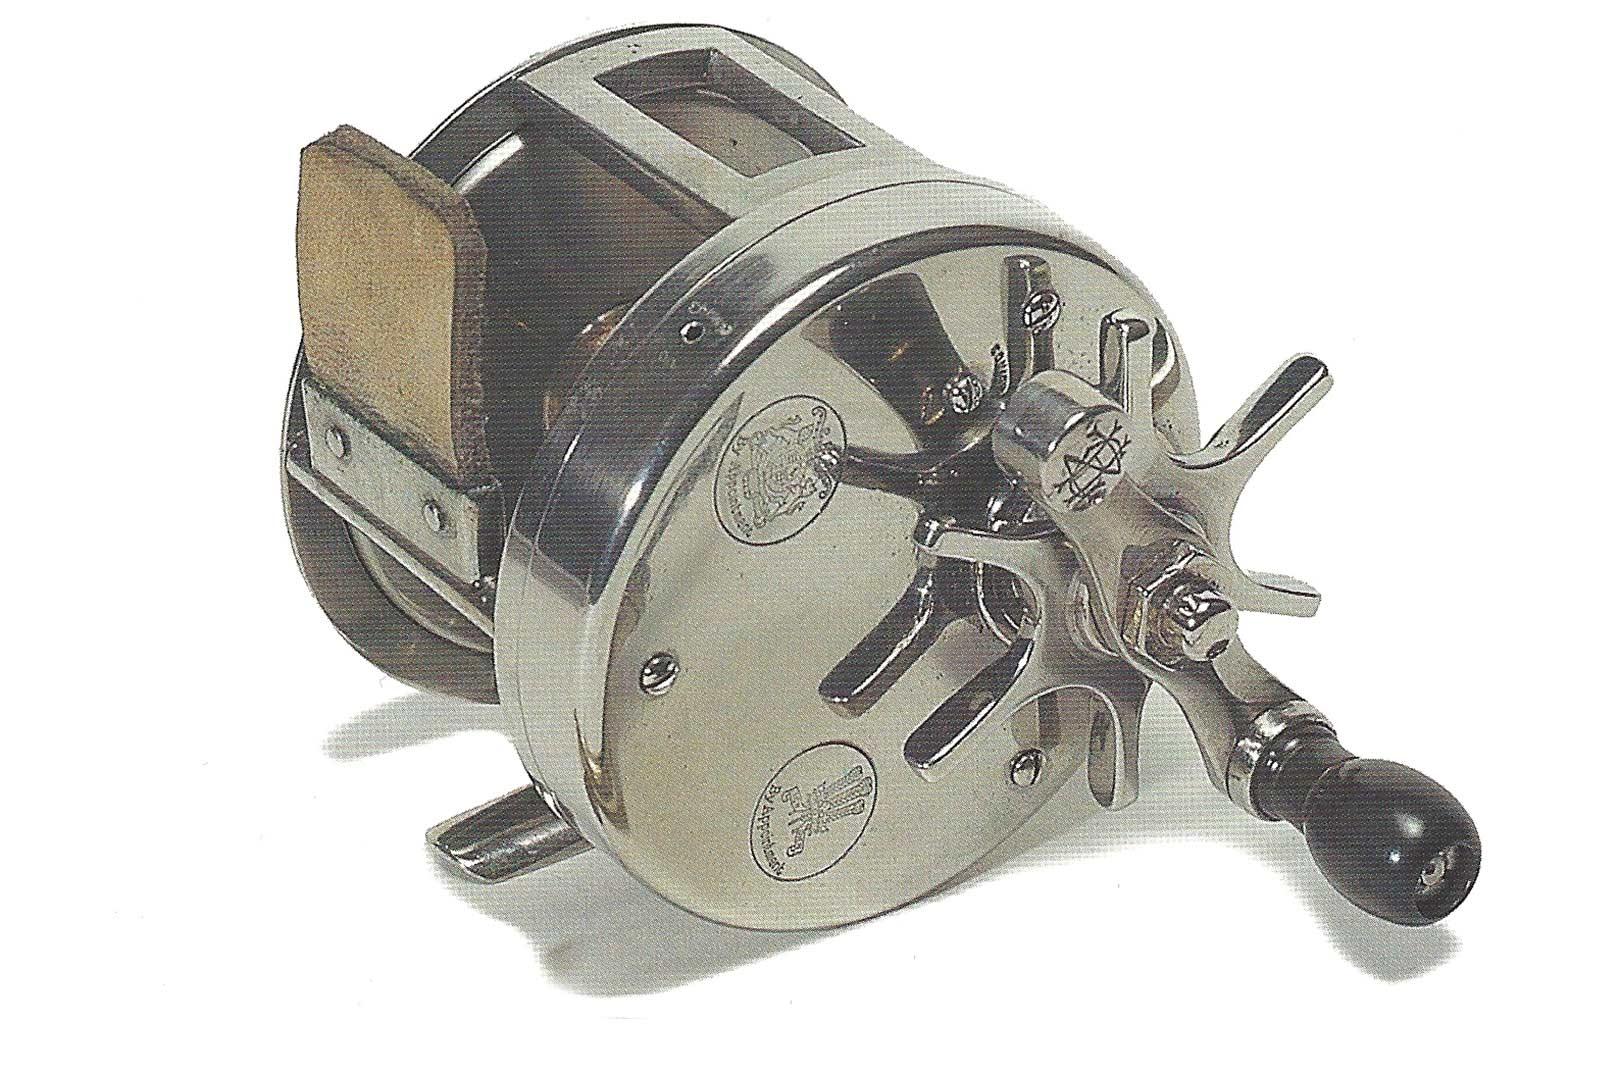 Det legendariske Zane Grey big game hjul fremstillet hos Hardy Brothers.